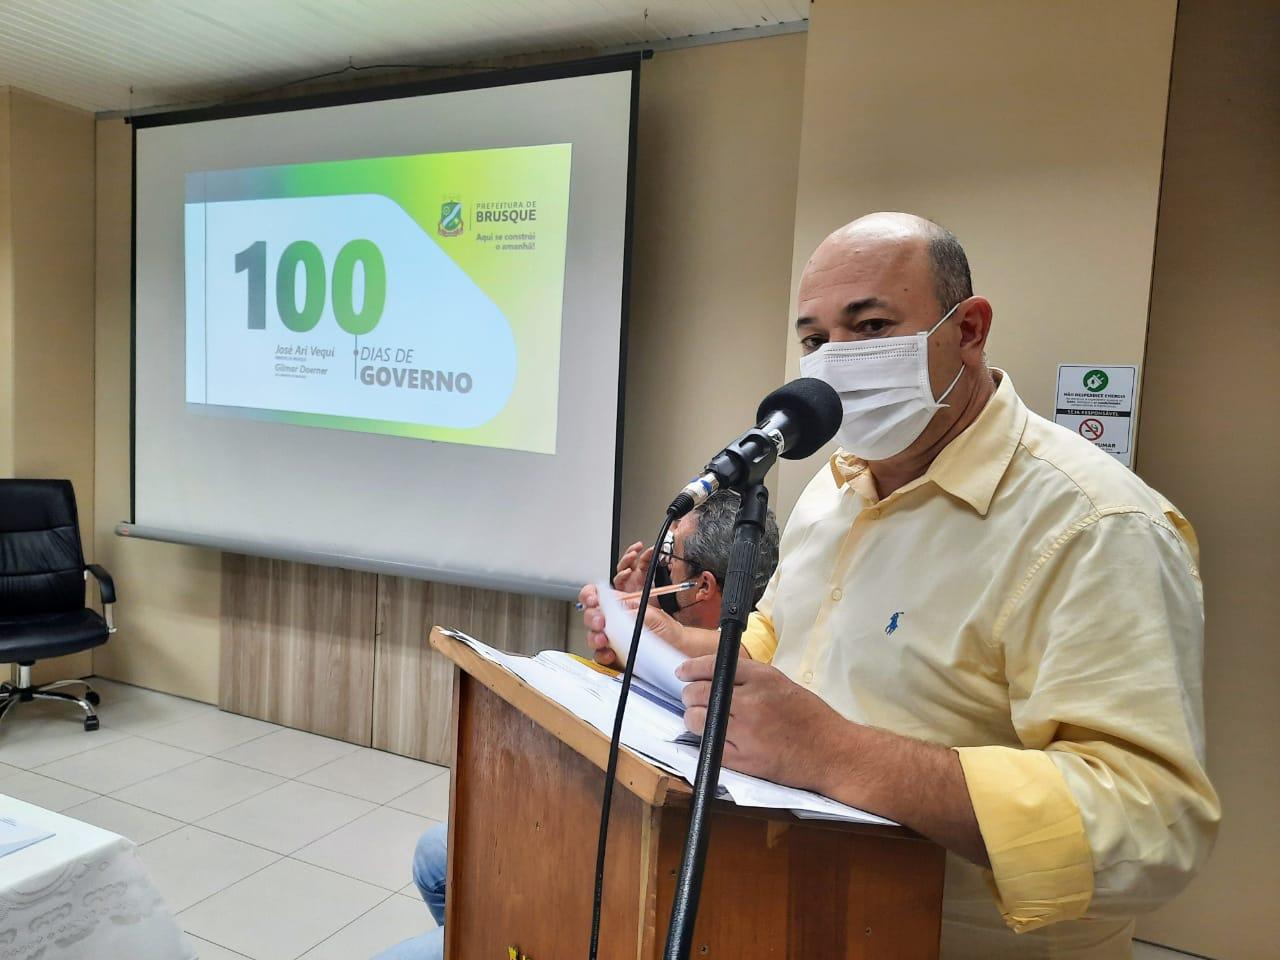 Prefeito de Brusque apresenta ações dos 100 dias de governo